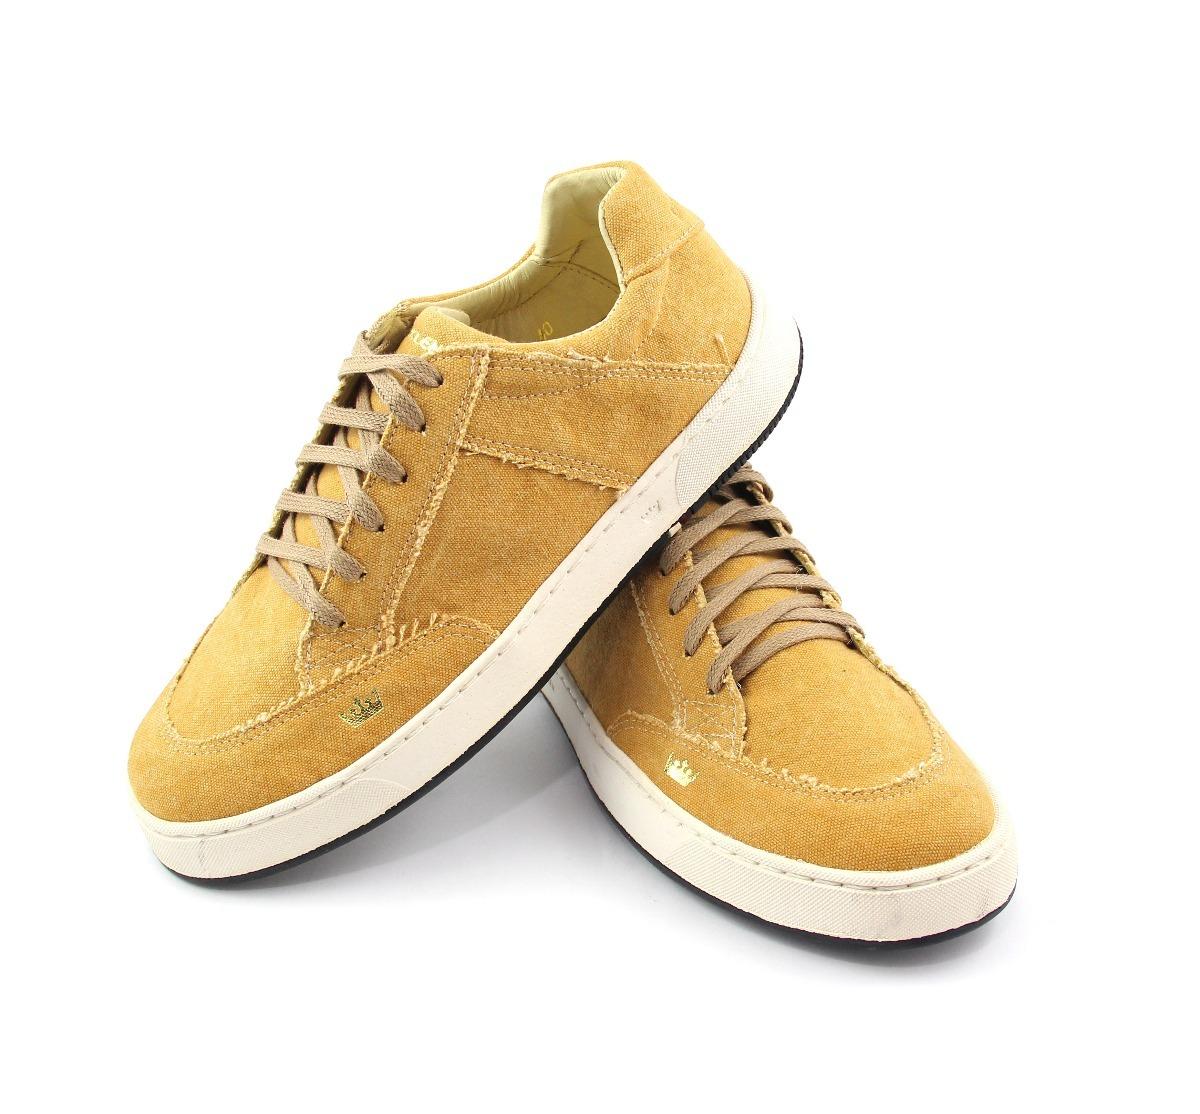 879c5c6408 calçado sapatenis osklen soho em lona masculino original. Carregando zoom.